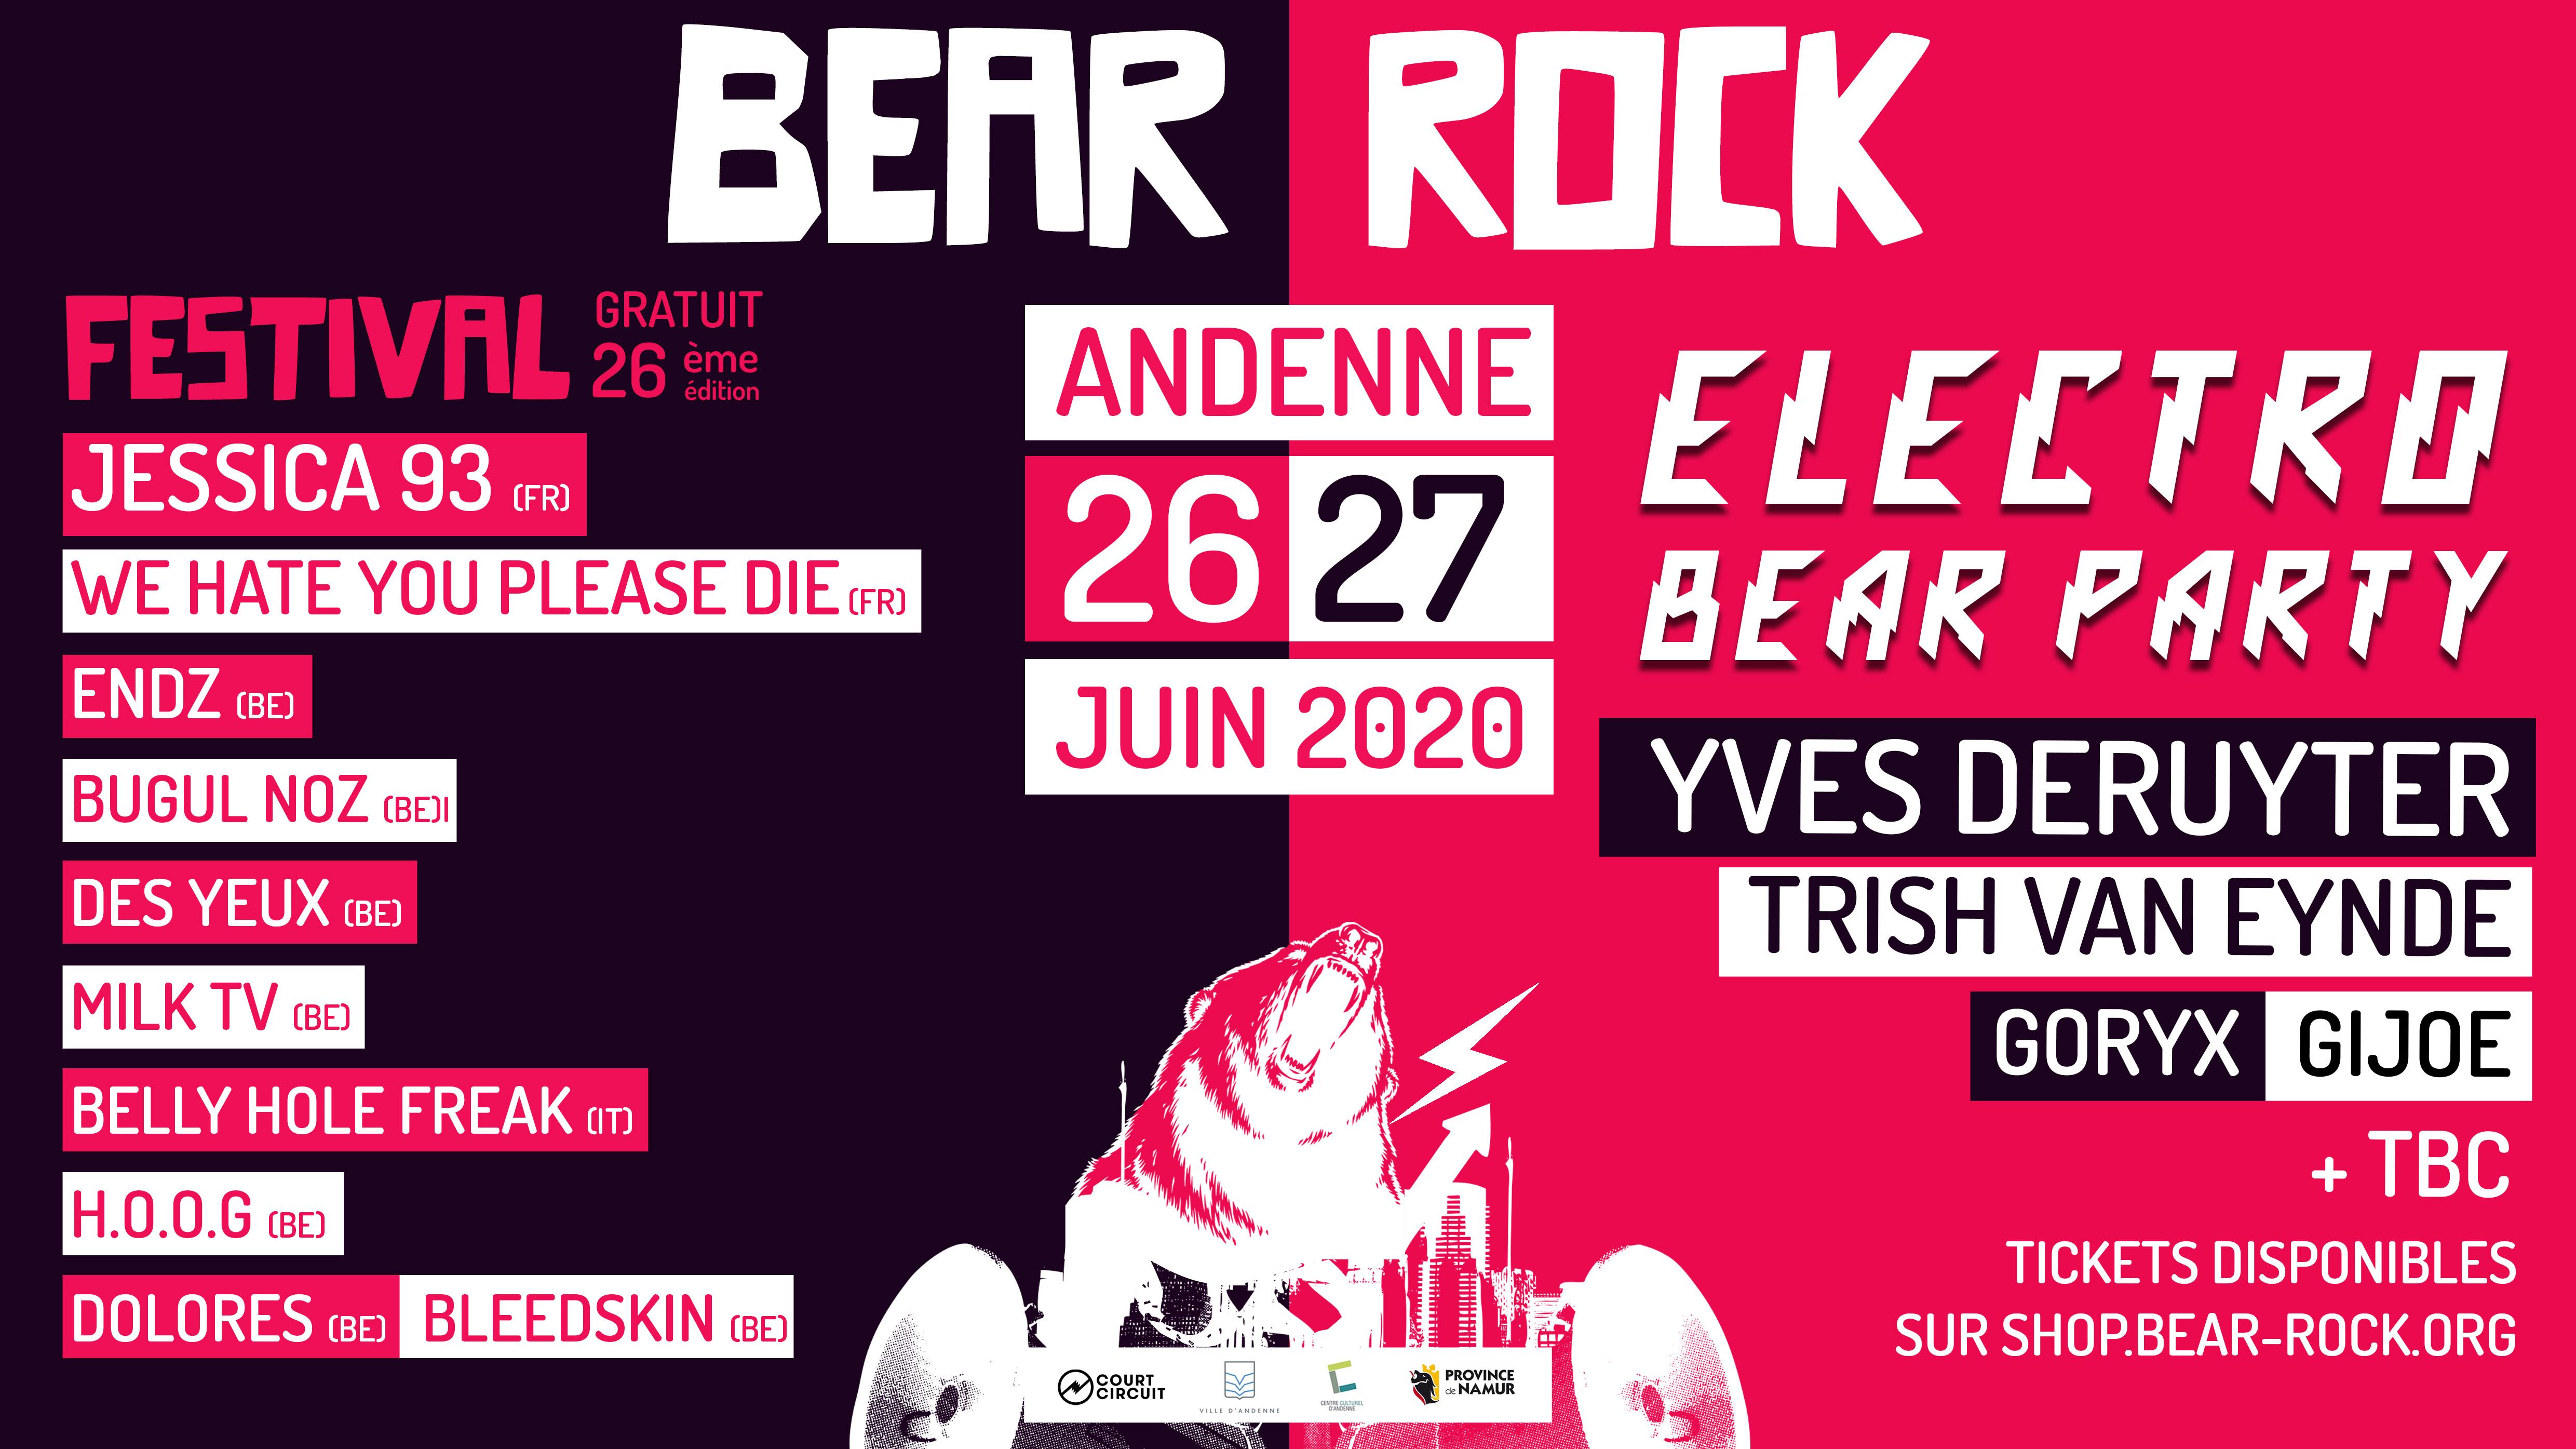 Bear Rock Festival